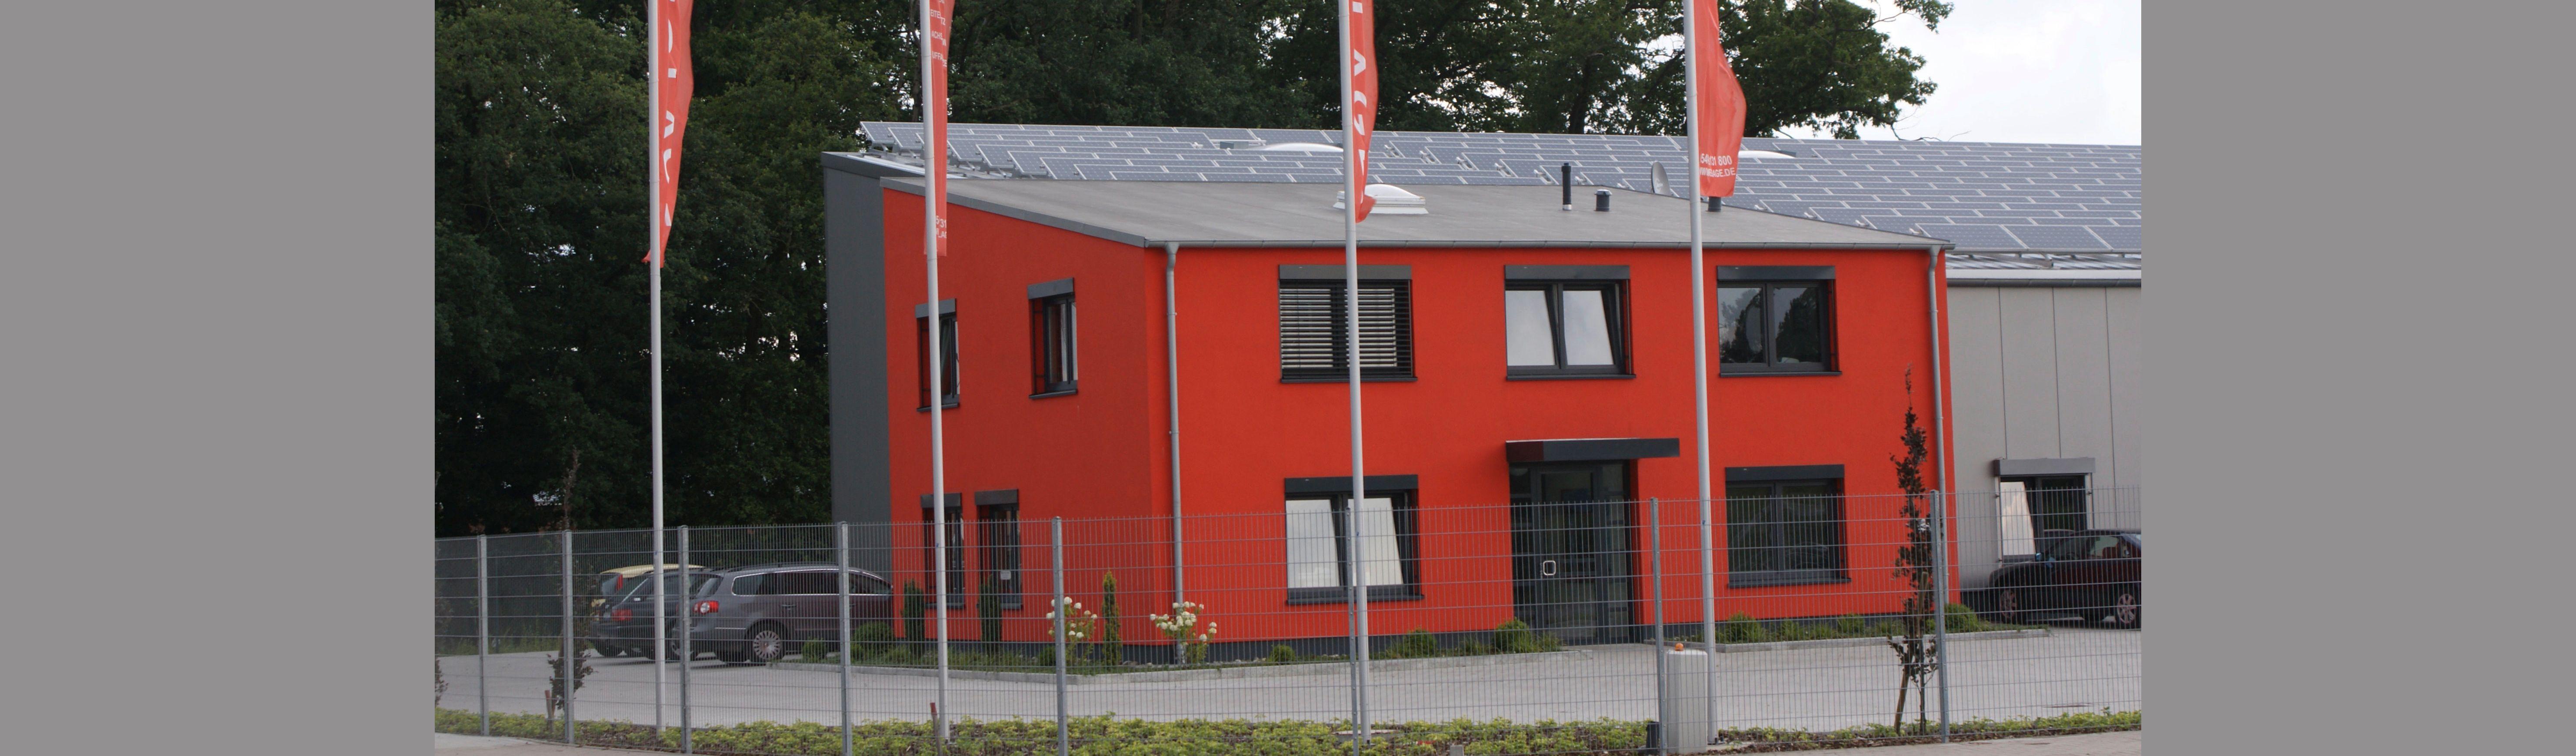 Unternehmenssitz von Weglage in Neuenkirchen